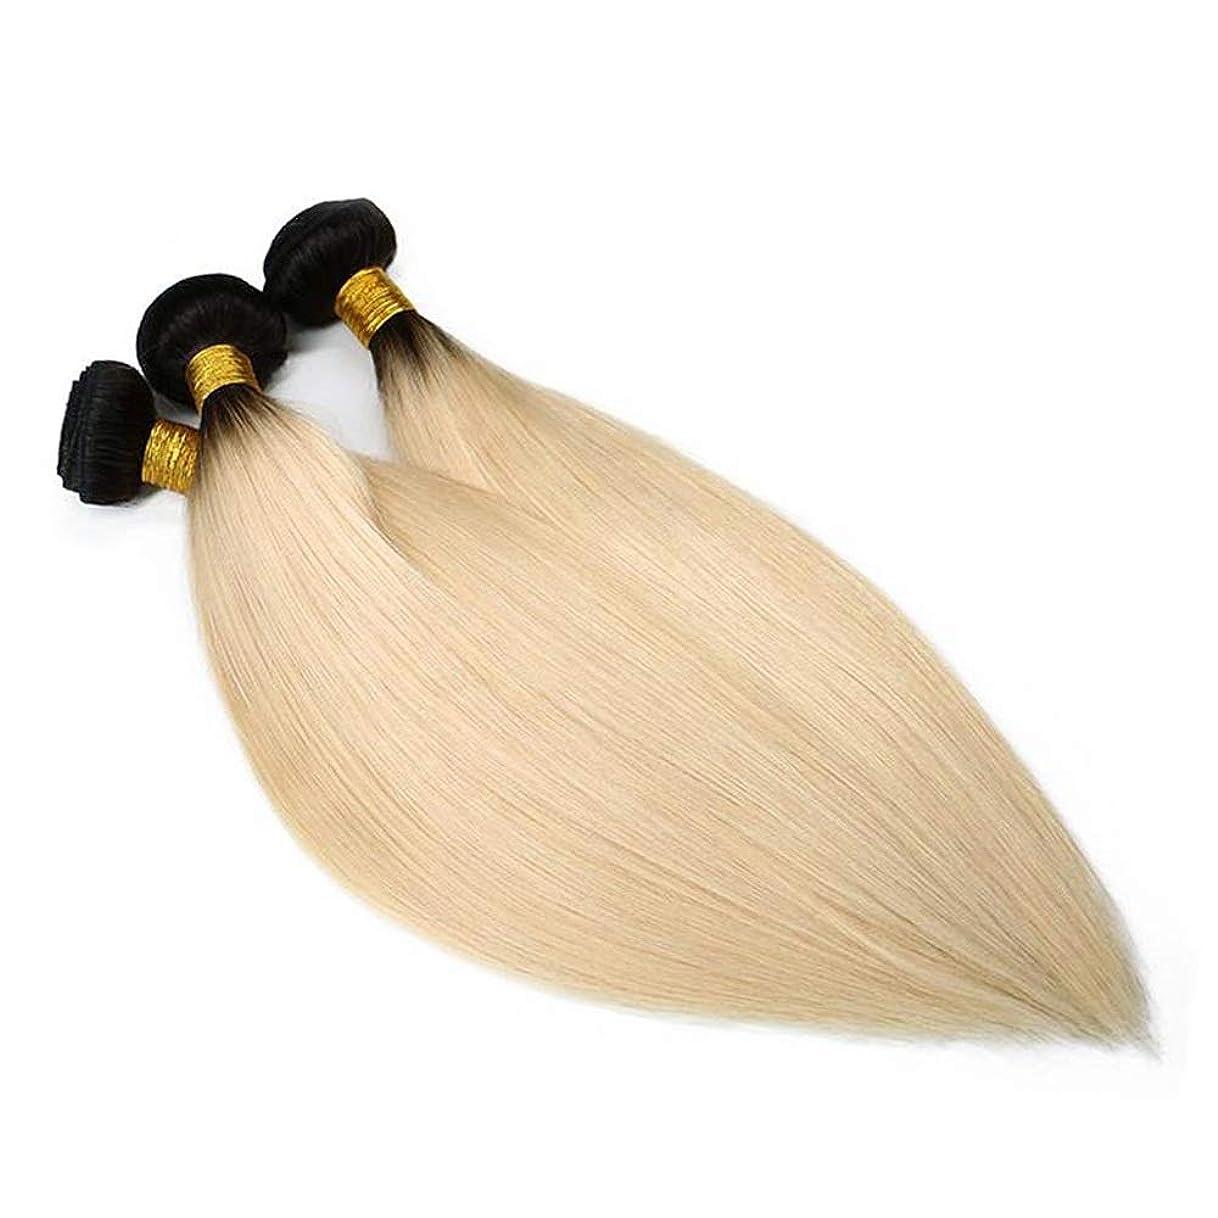 変形する馬力ストロークHOHYLLYA 18インチ人間の髪織りバンドルブラジルのヘアエクステンション横糸ストレート#1B / 613ブロンド(1バンドル、100g)合成毛髪のレースのかつらロールプレイングかつら (色 : Blonde, サイズ : 16 inch)